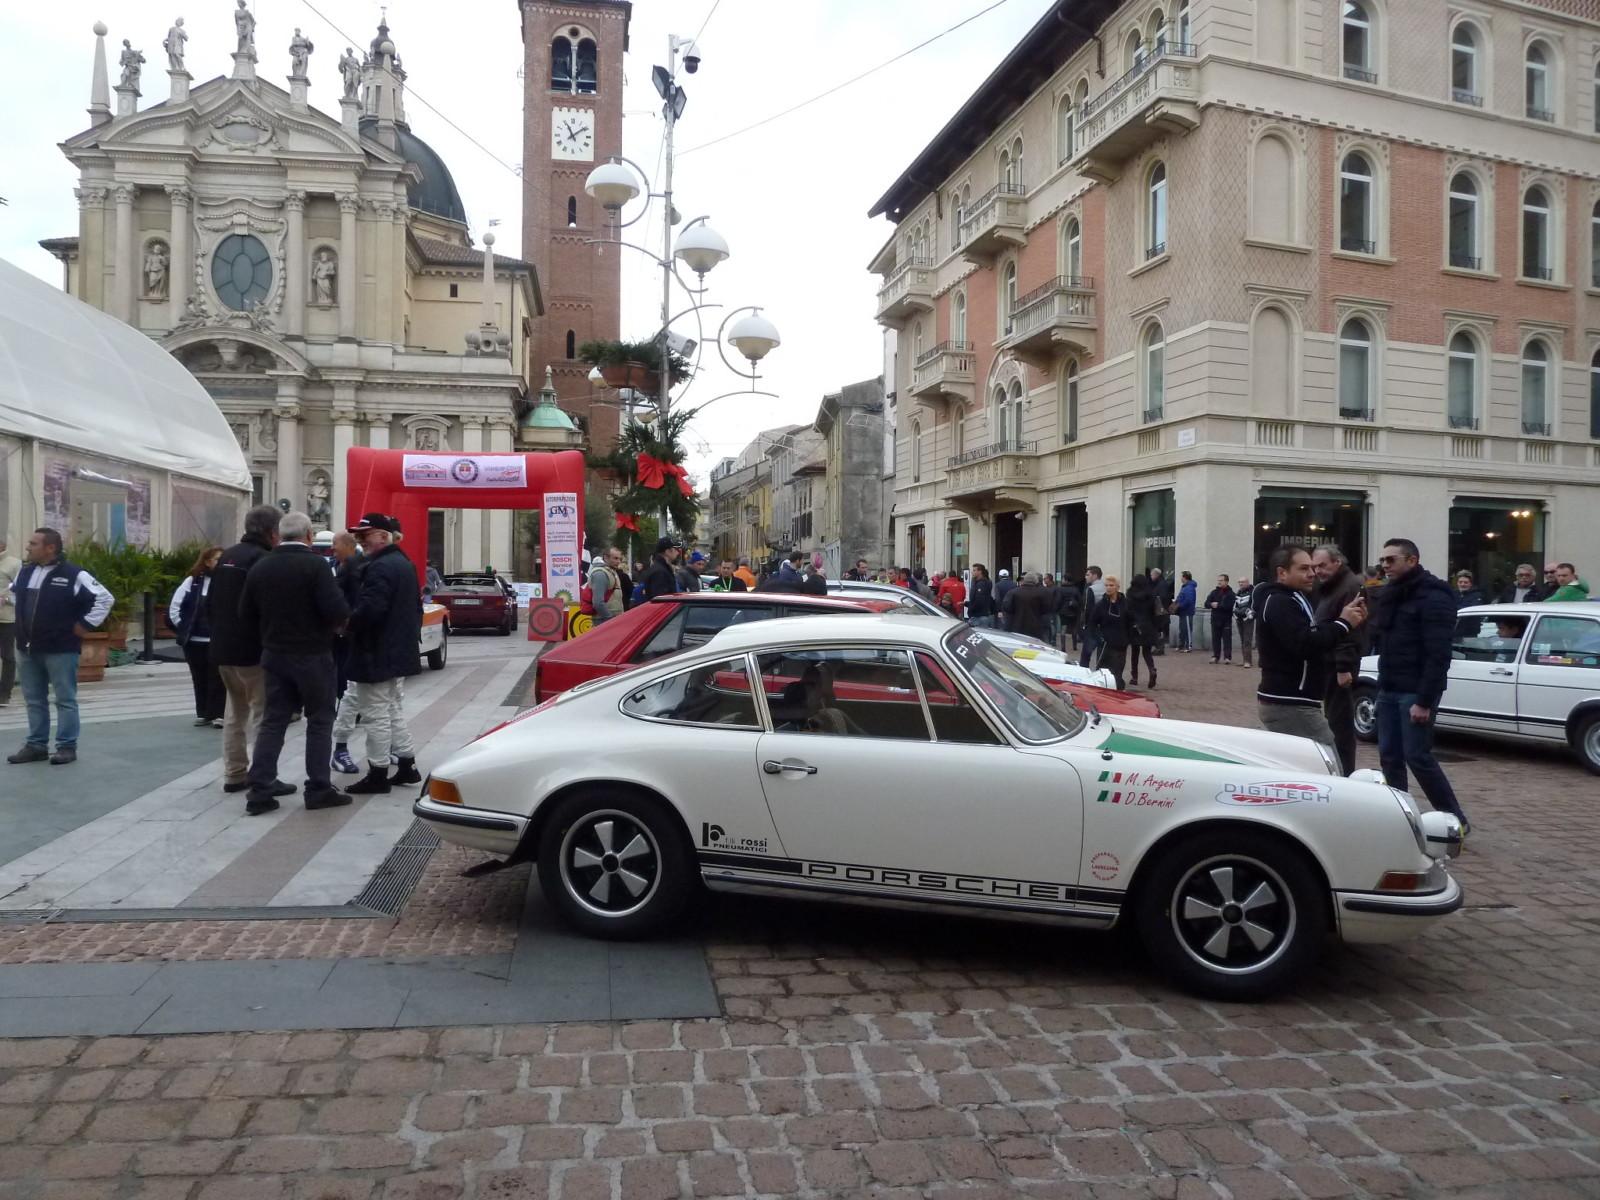 Rievocazione Storica Rally Aci Varese